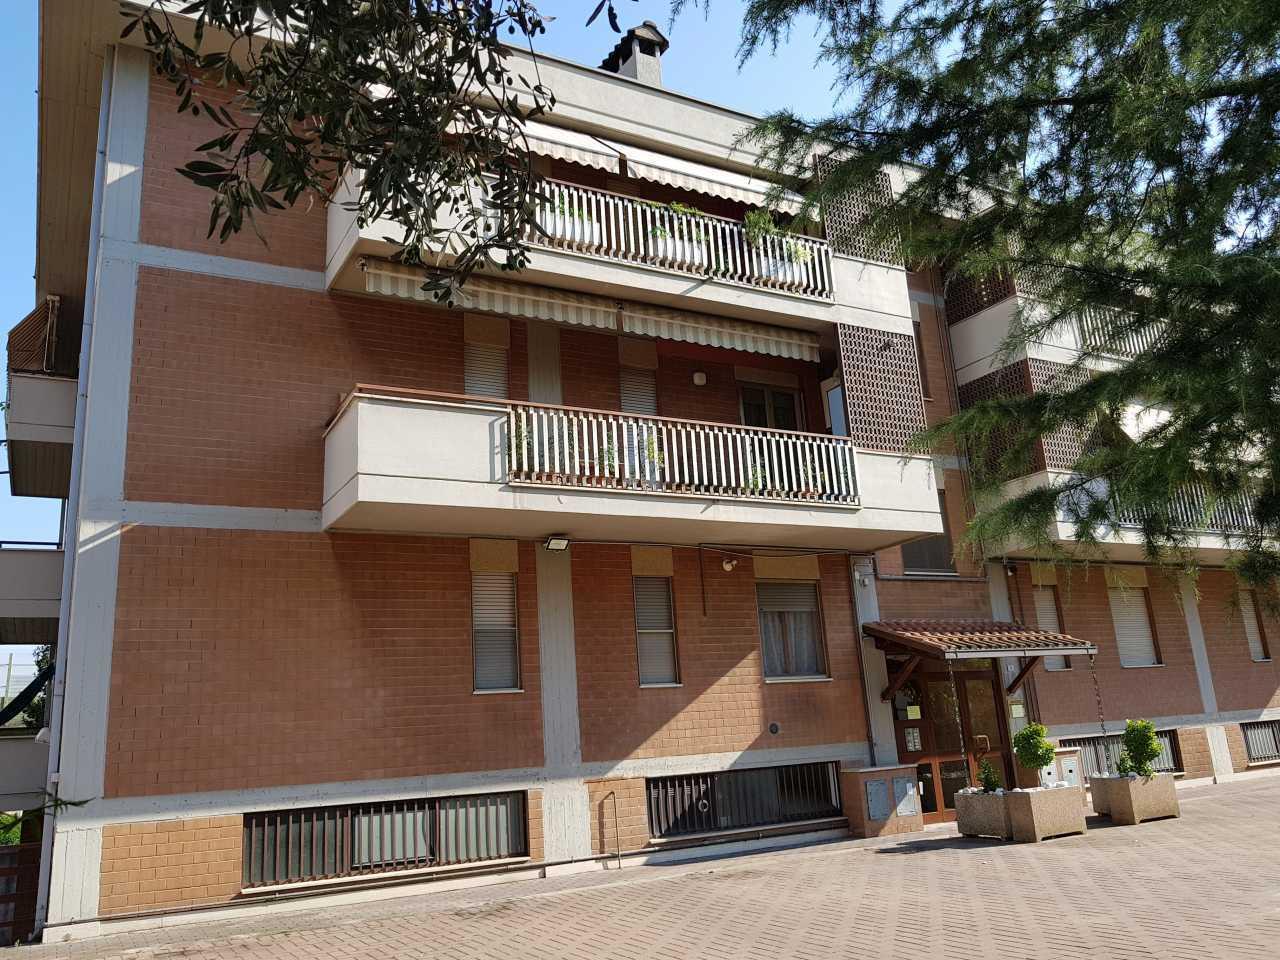 Attico / Mansarda in vendita a Corciano, 4 locali, prezzo € 59.000 | PortaleAgenzieImmobiliari.it